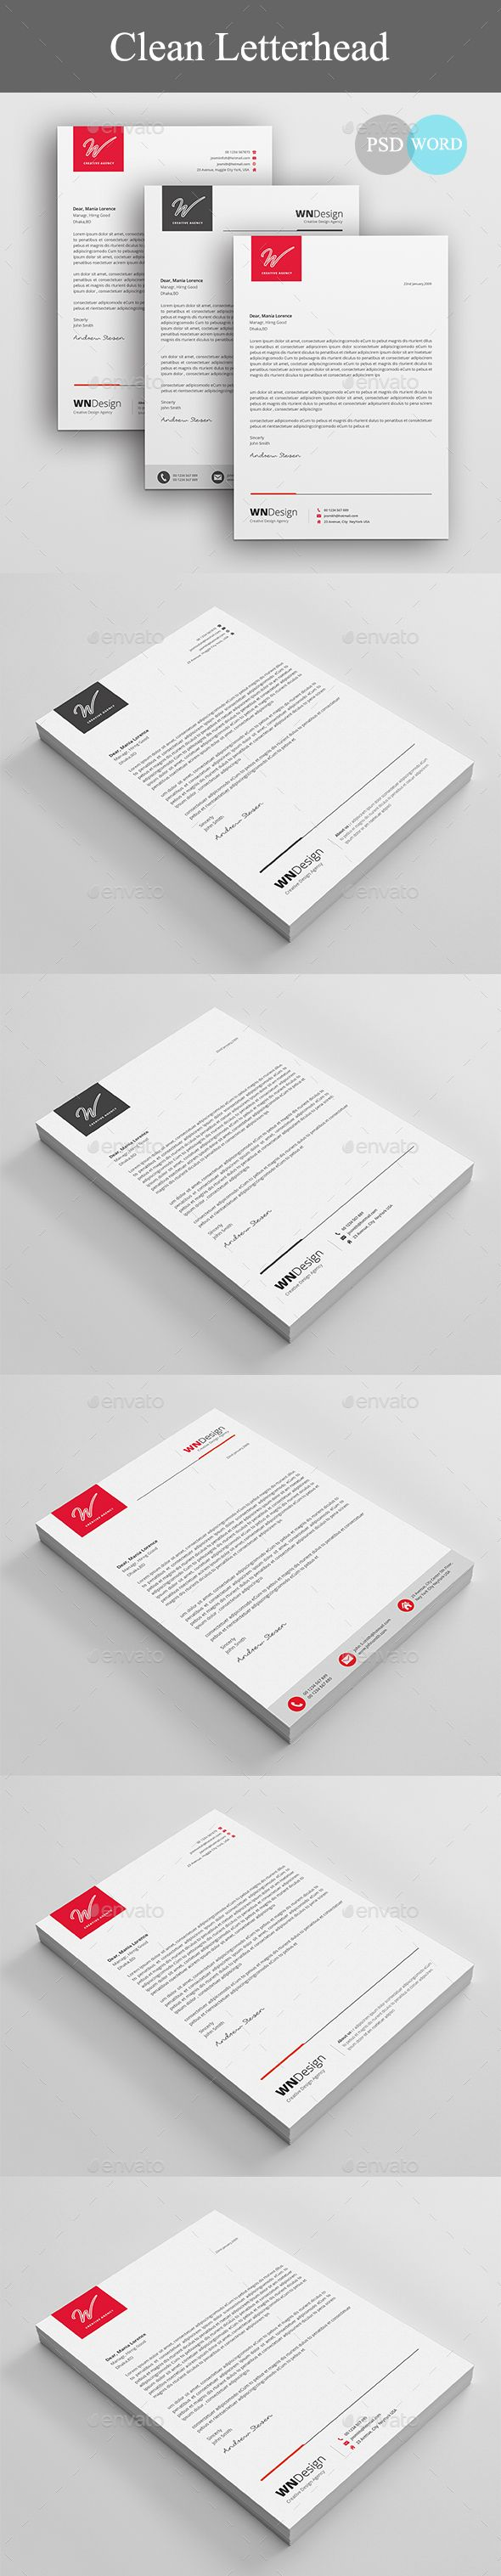 Код по оквд для изготовления и печатания визитных карточек